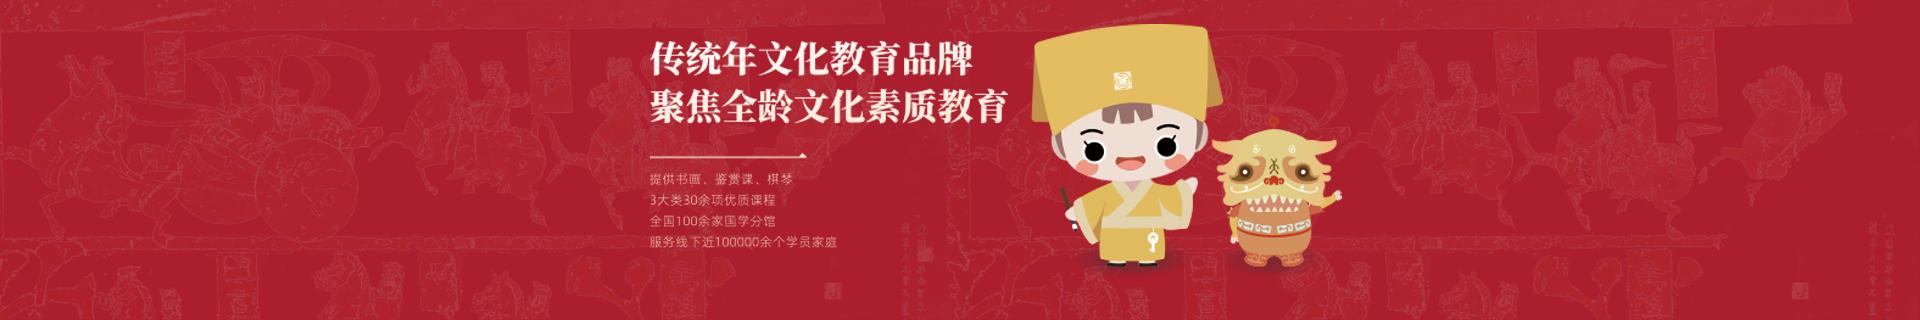 深圳宝安区西乡秦汉胡同教育